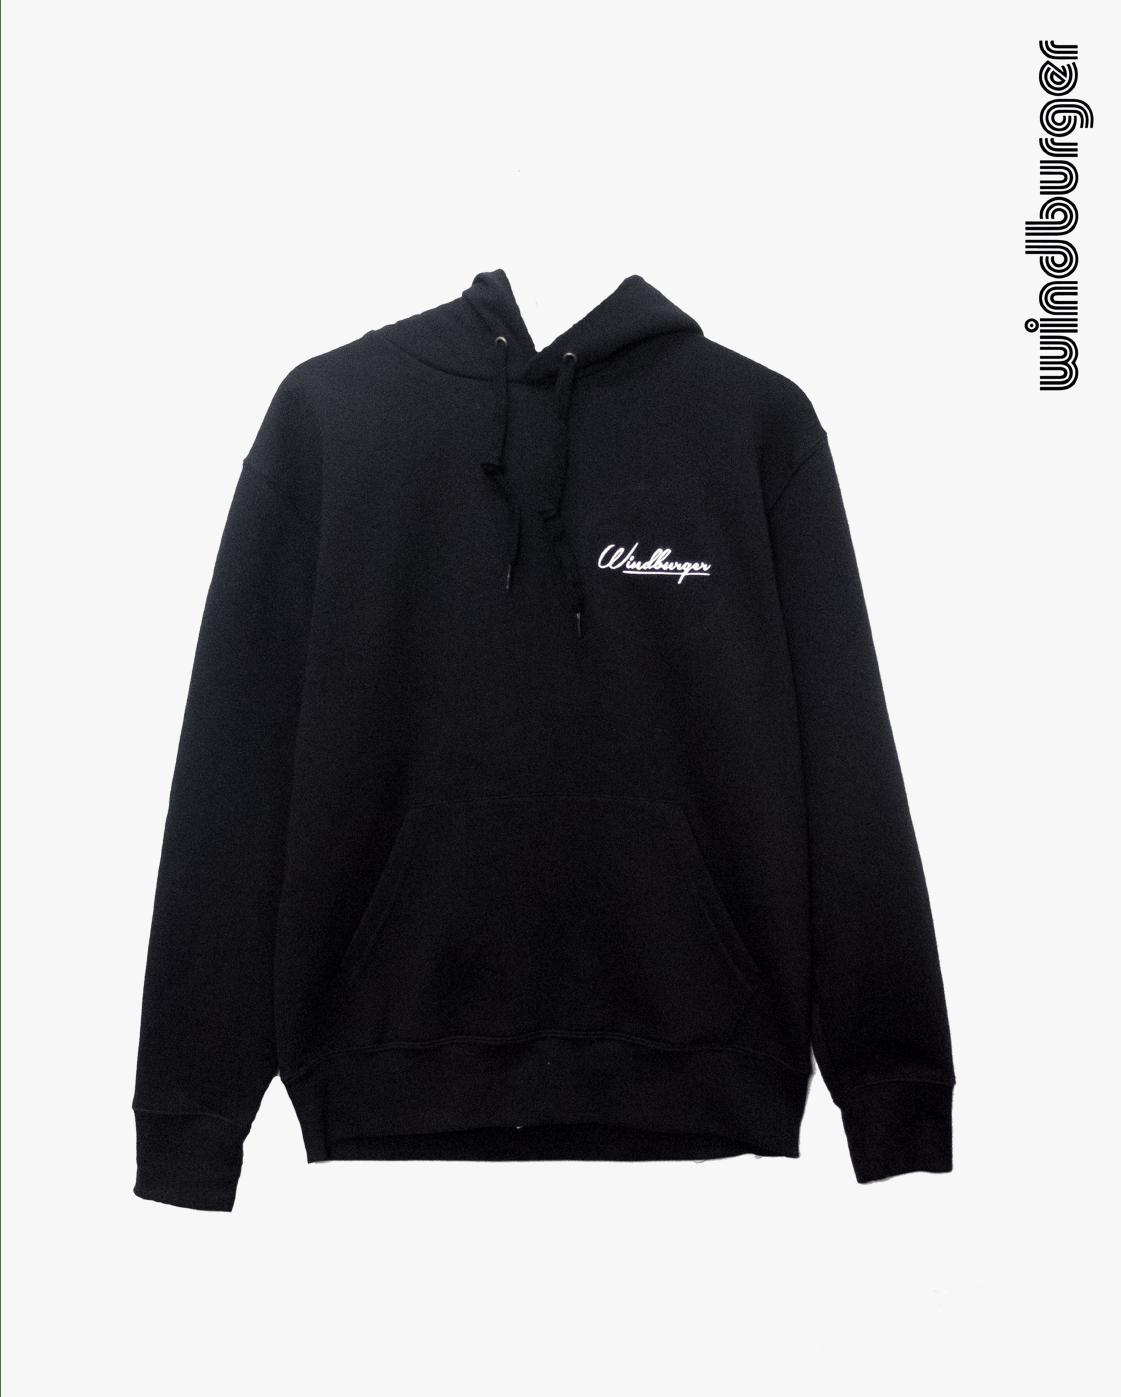 Image of black windburger hoodie